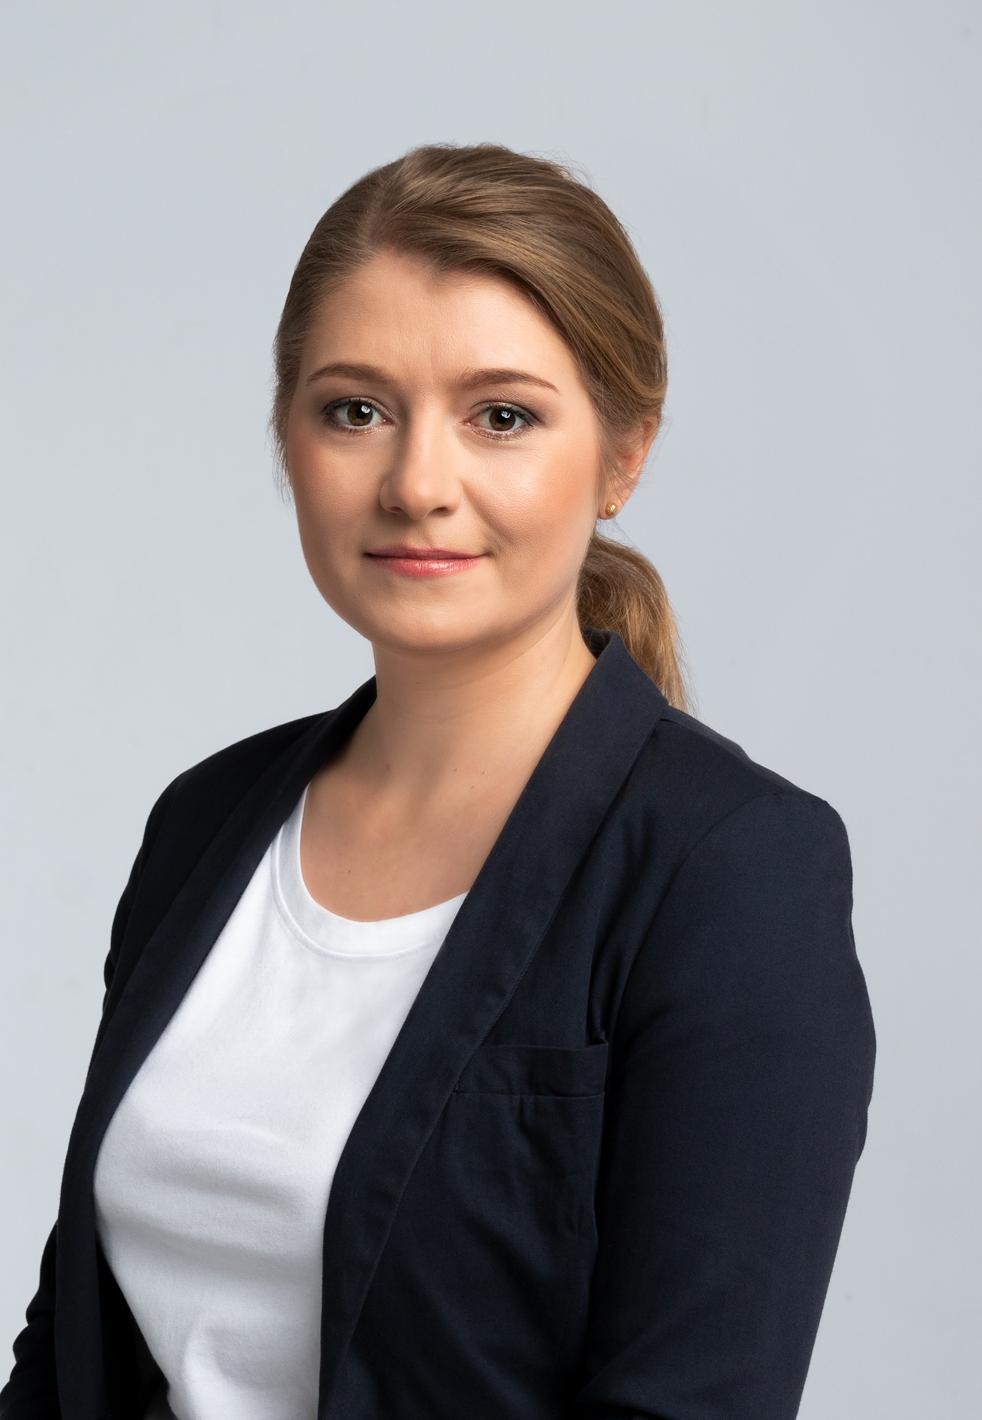 Justyna Sałasińska-Romanowska